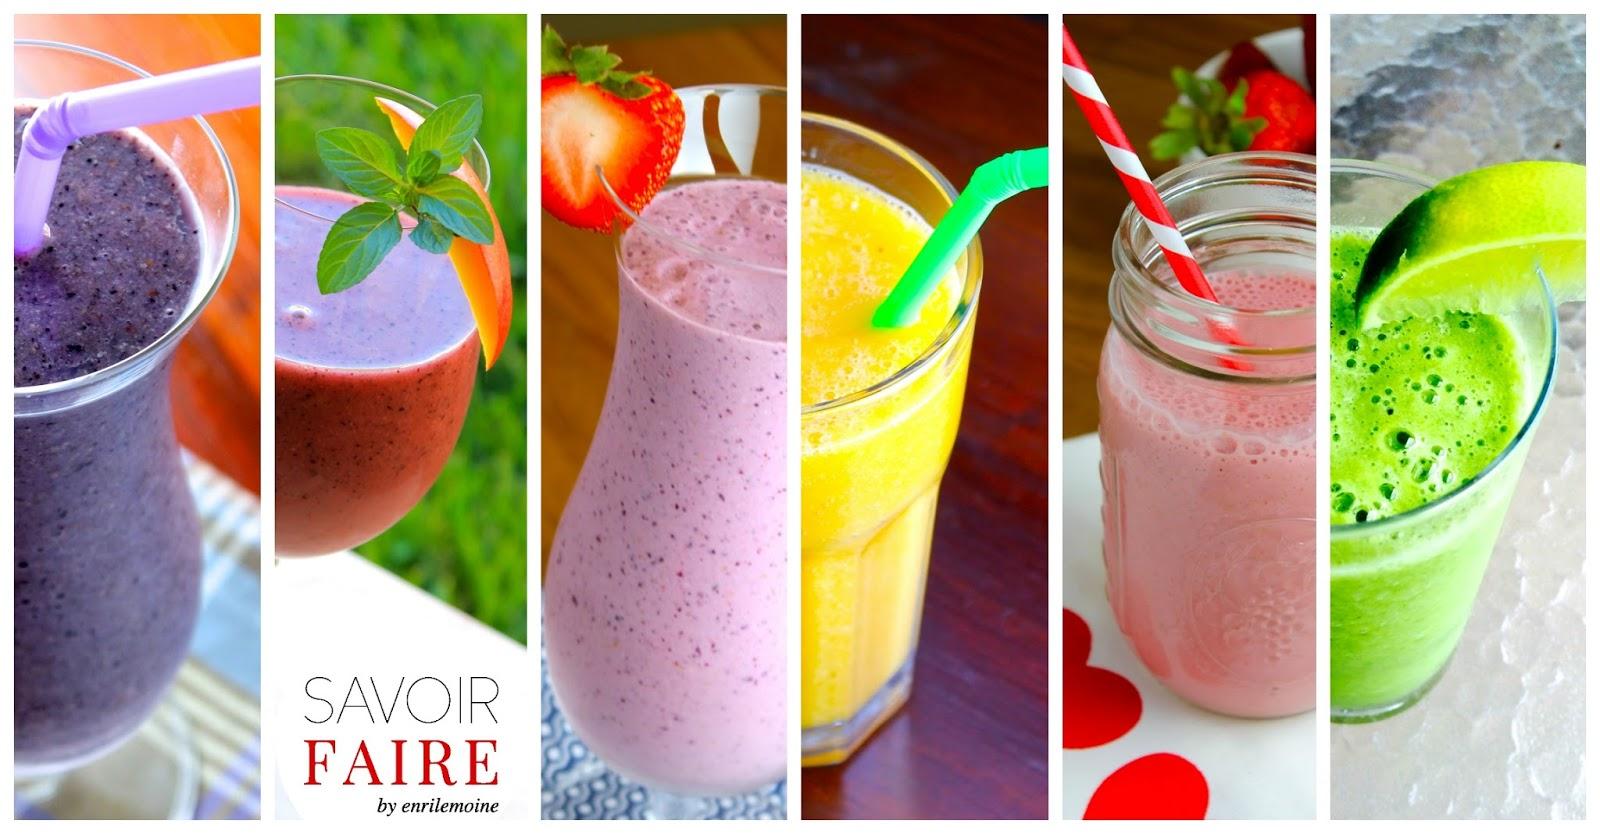 Savoir faire 6 batidos de frutas naturales para elegir - Batidos de frutas ...